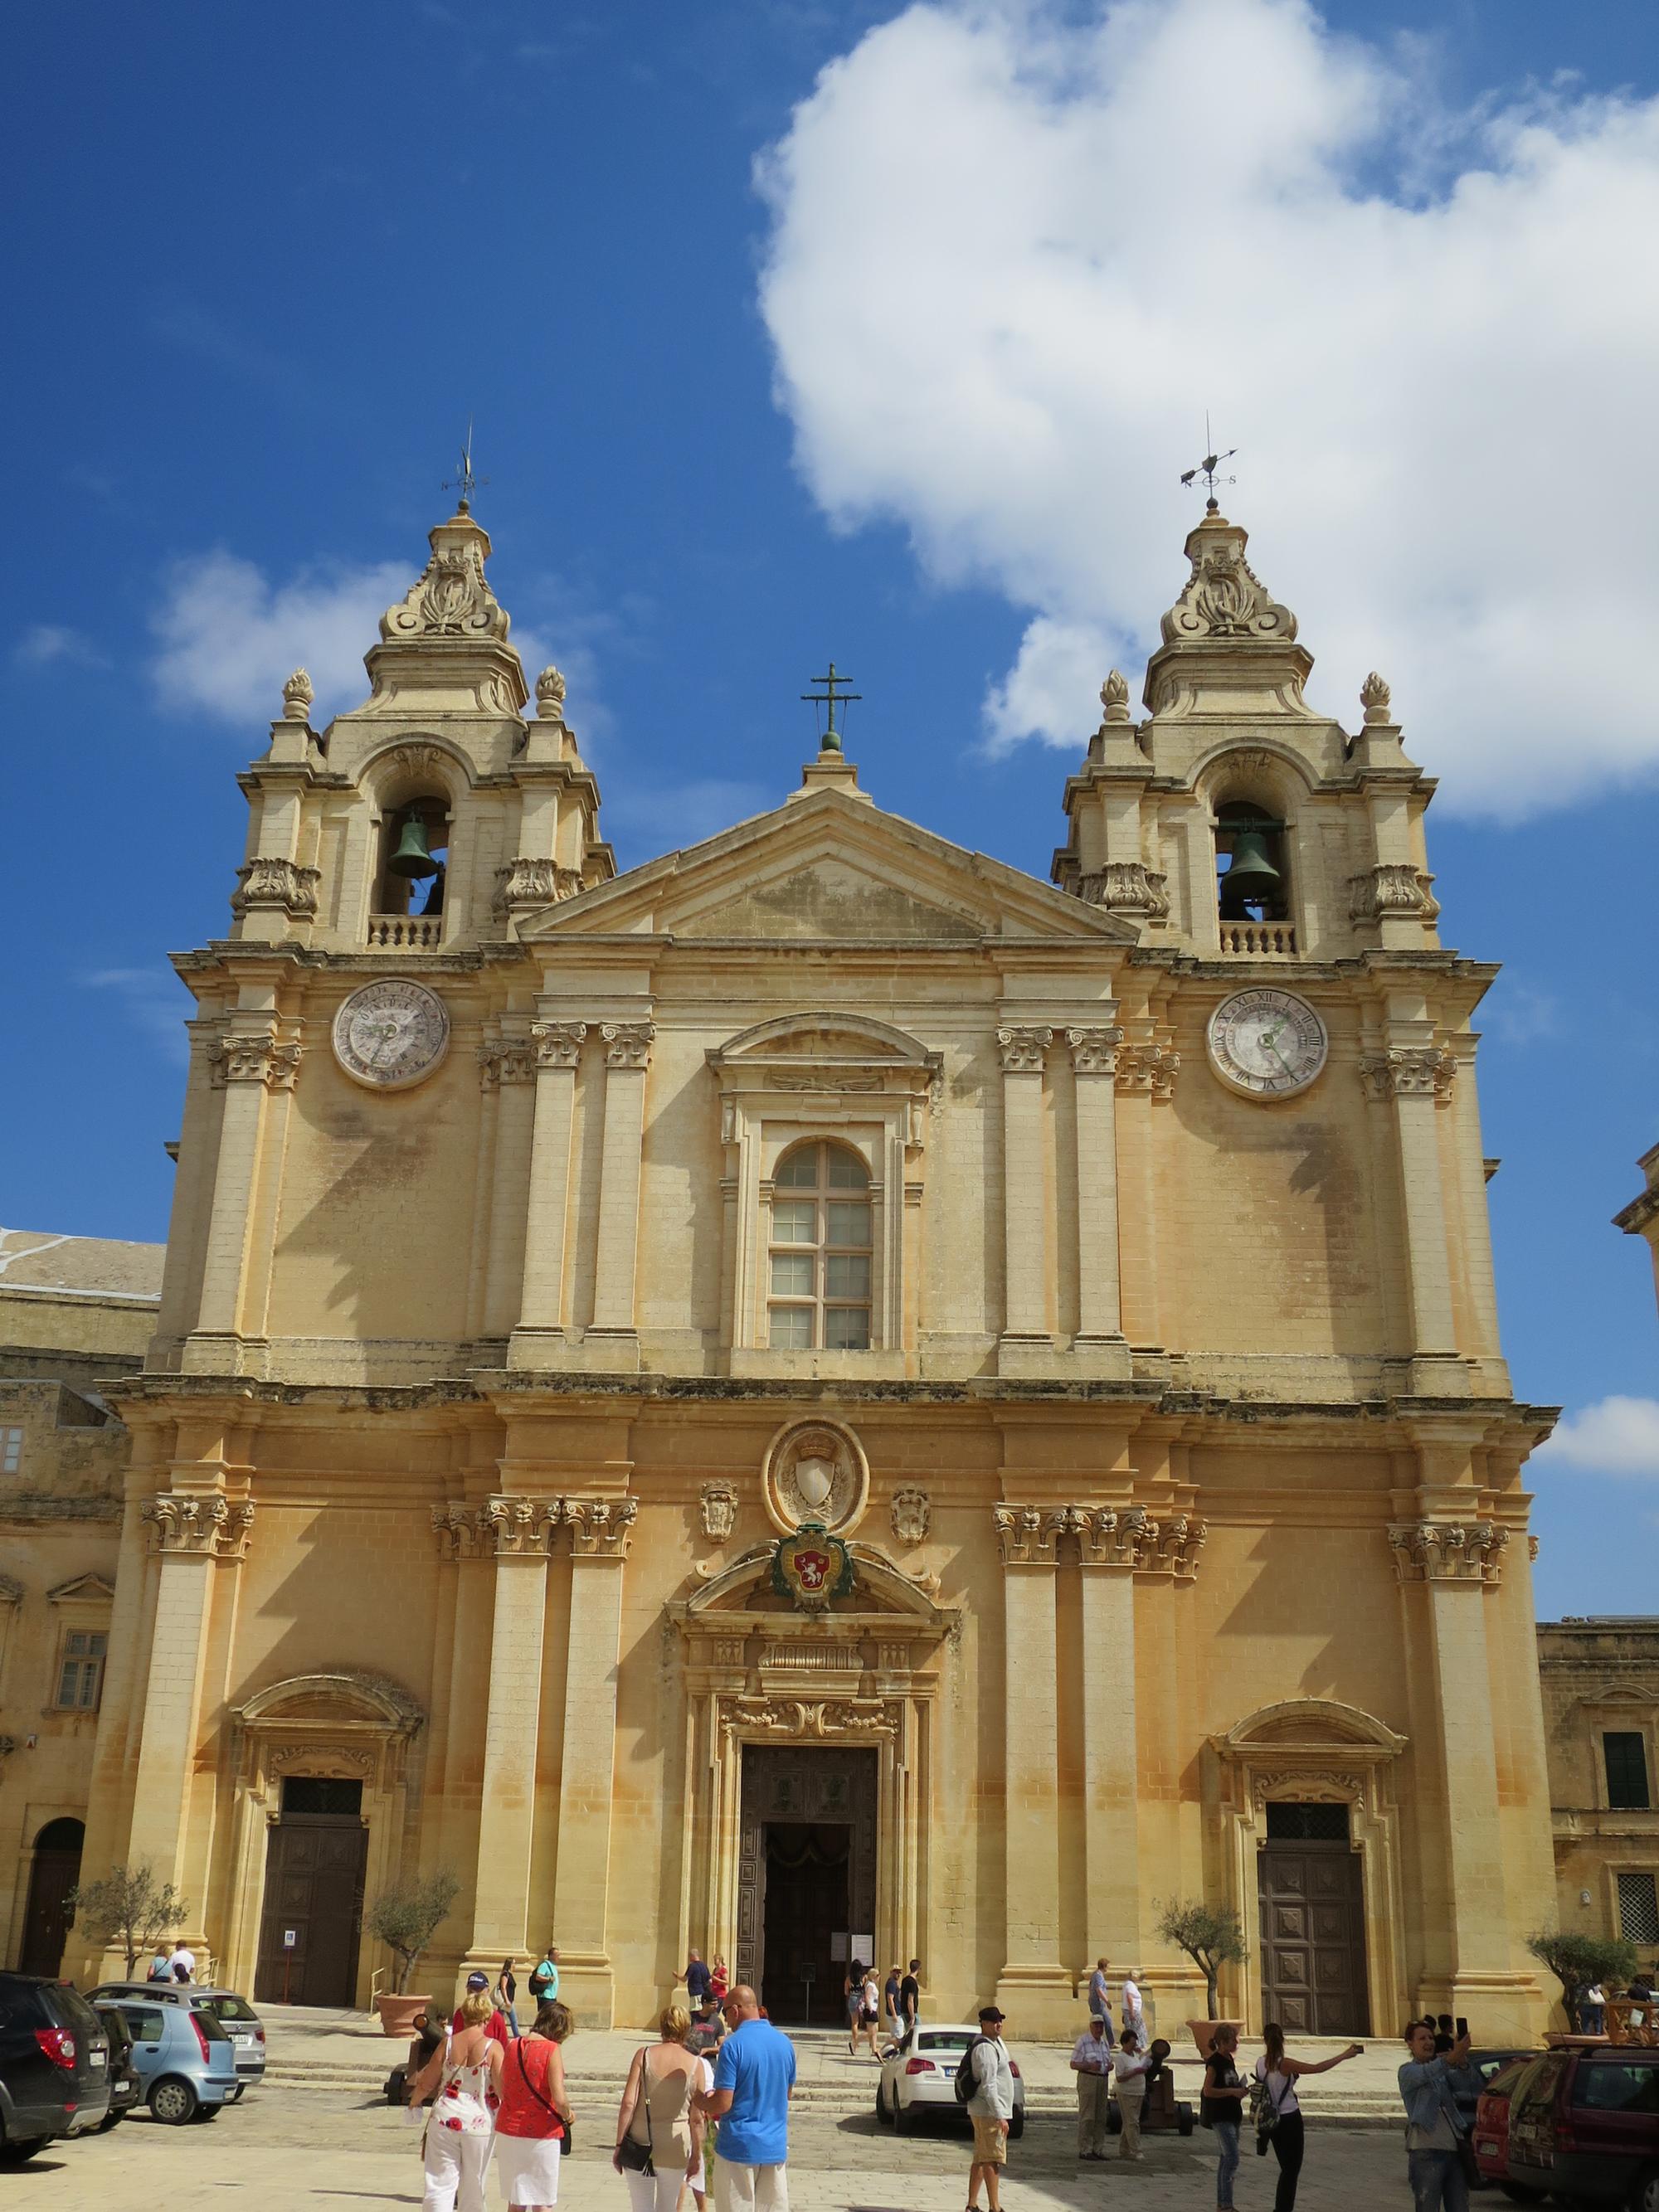 St. Pauls Cathedral, Mdina